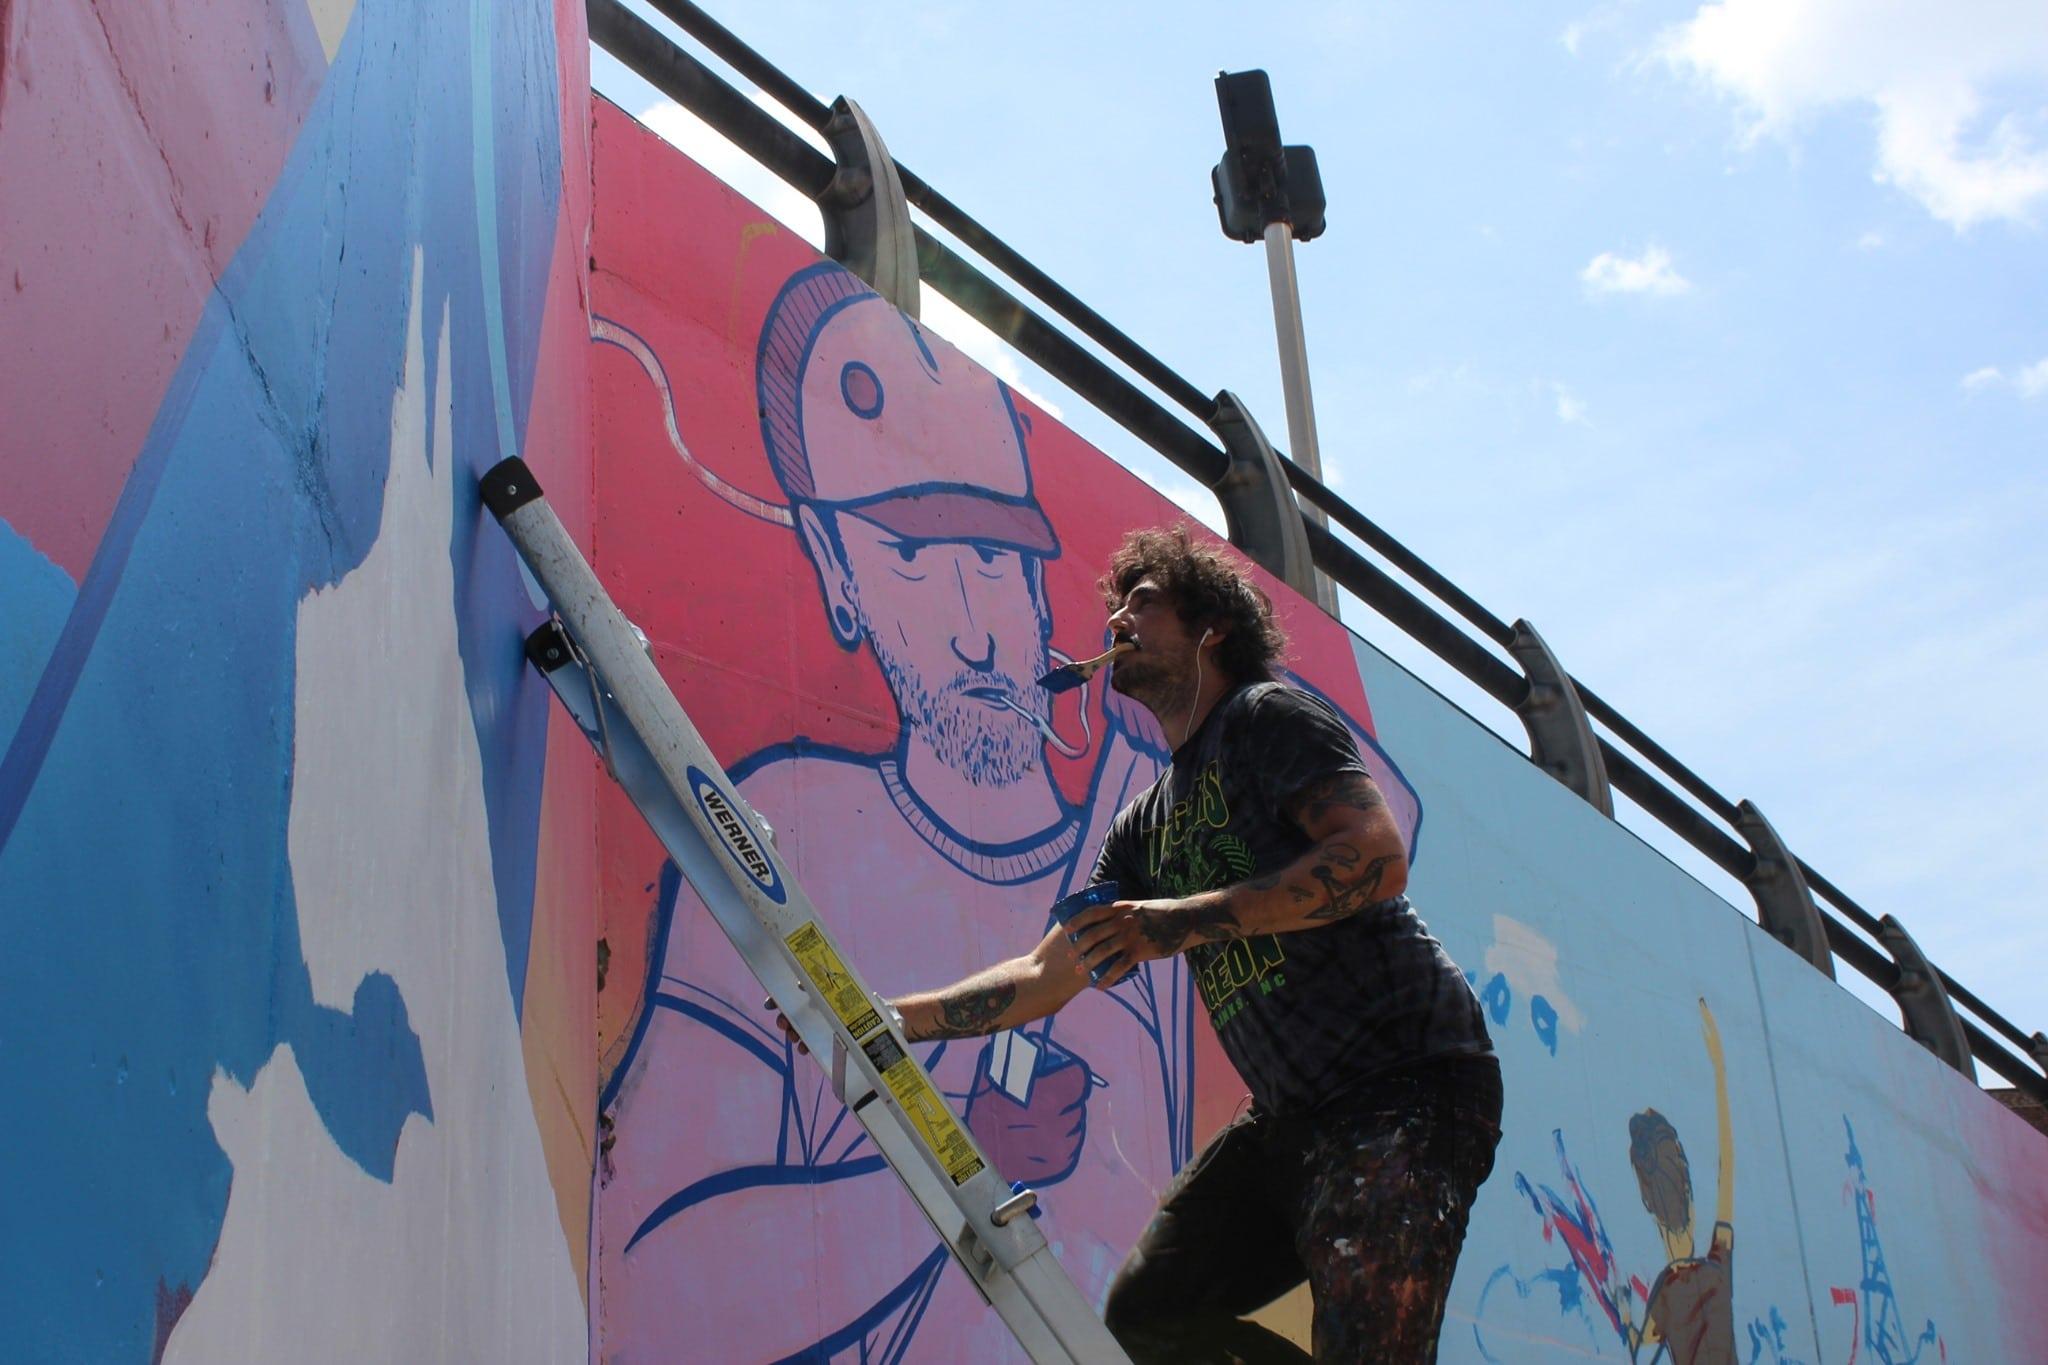 Taubman Museum of Art Volunteer Opportunities Roanoke VA roanokeprofessionals.com